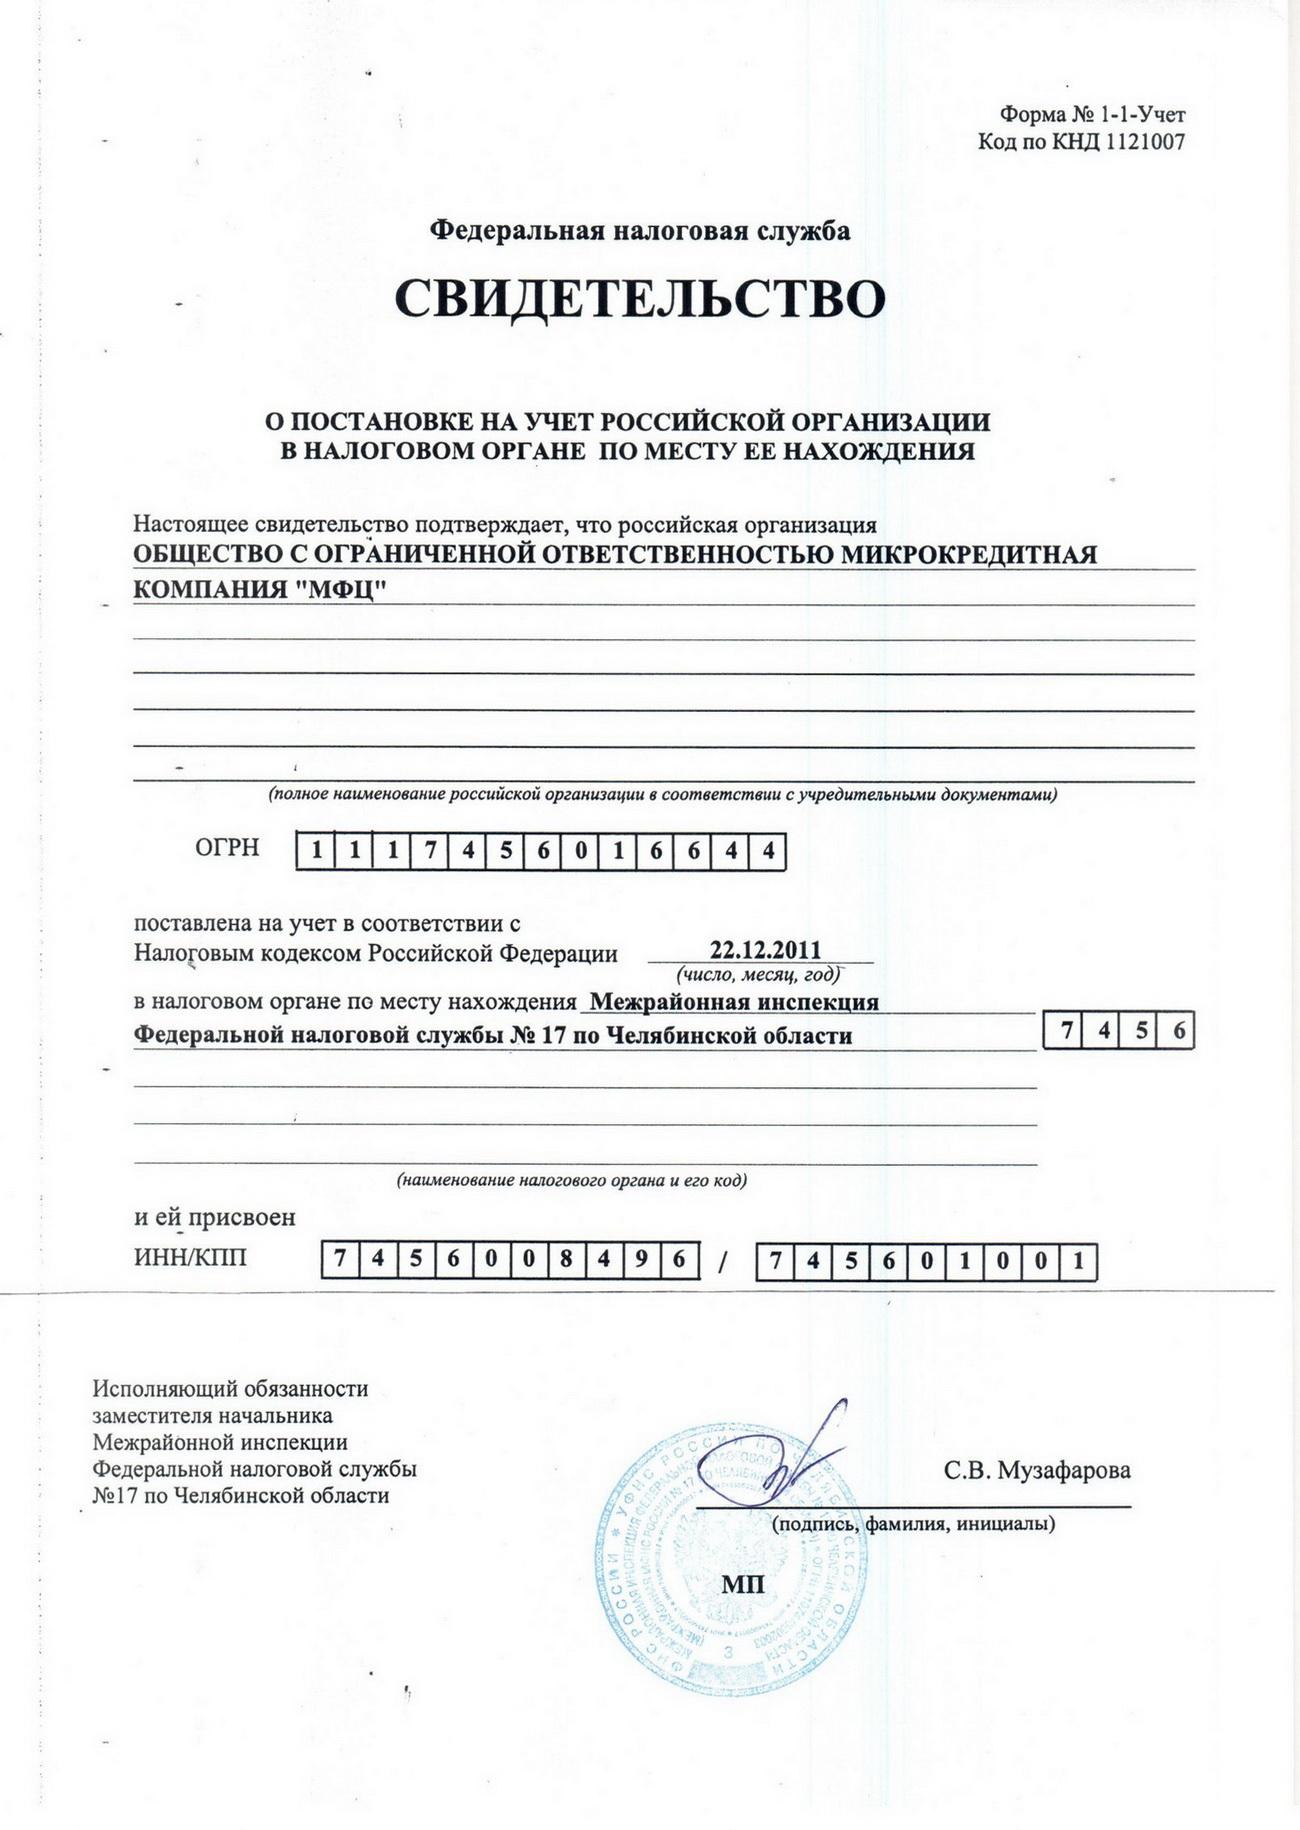 """Копия ИНН ООО """"МФЦ"""""""